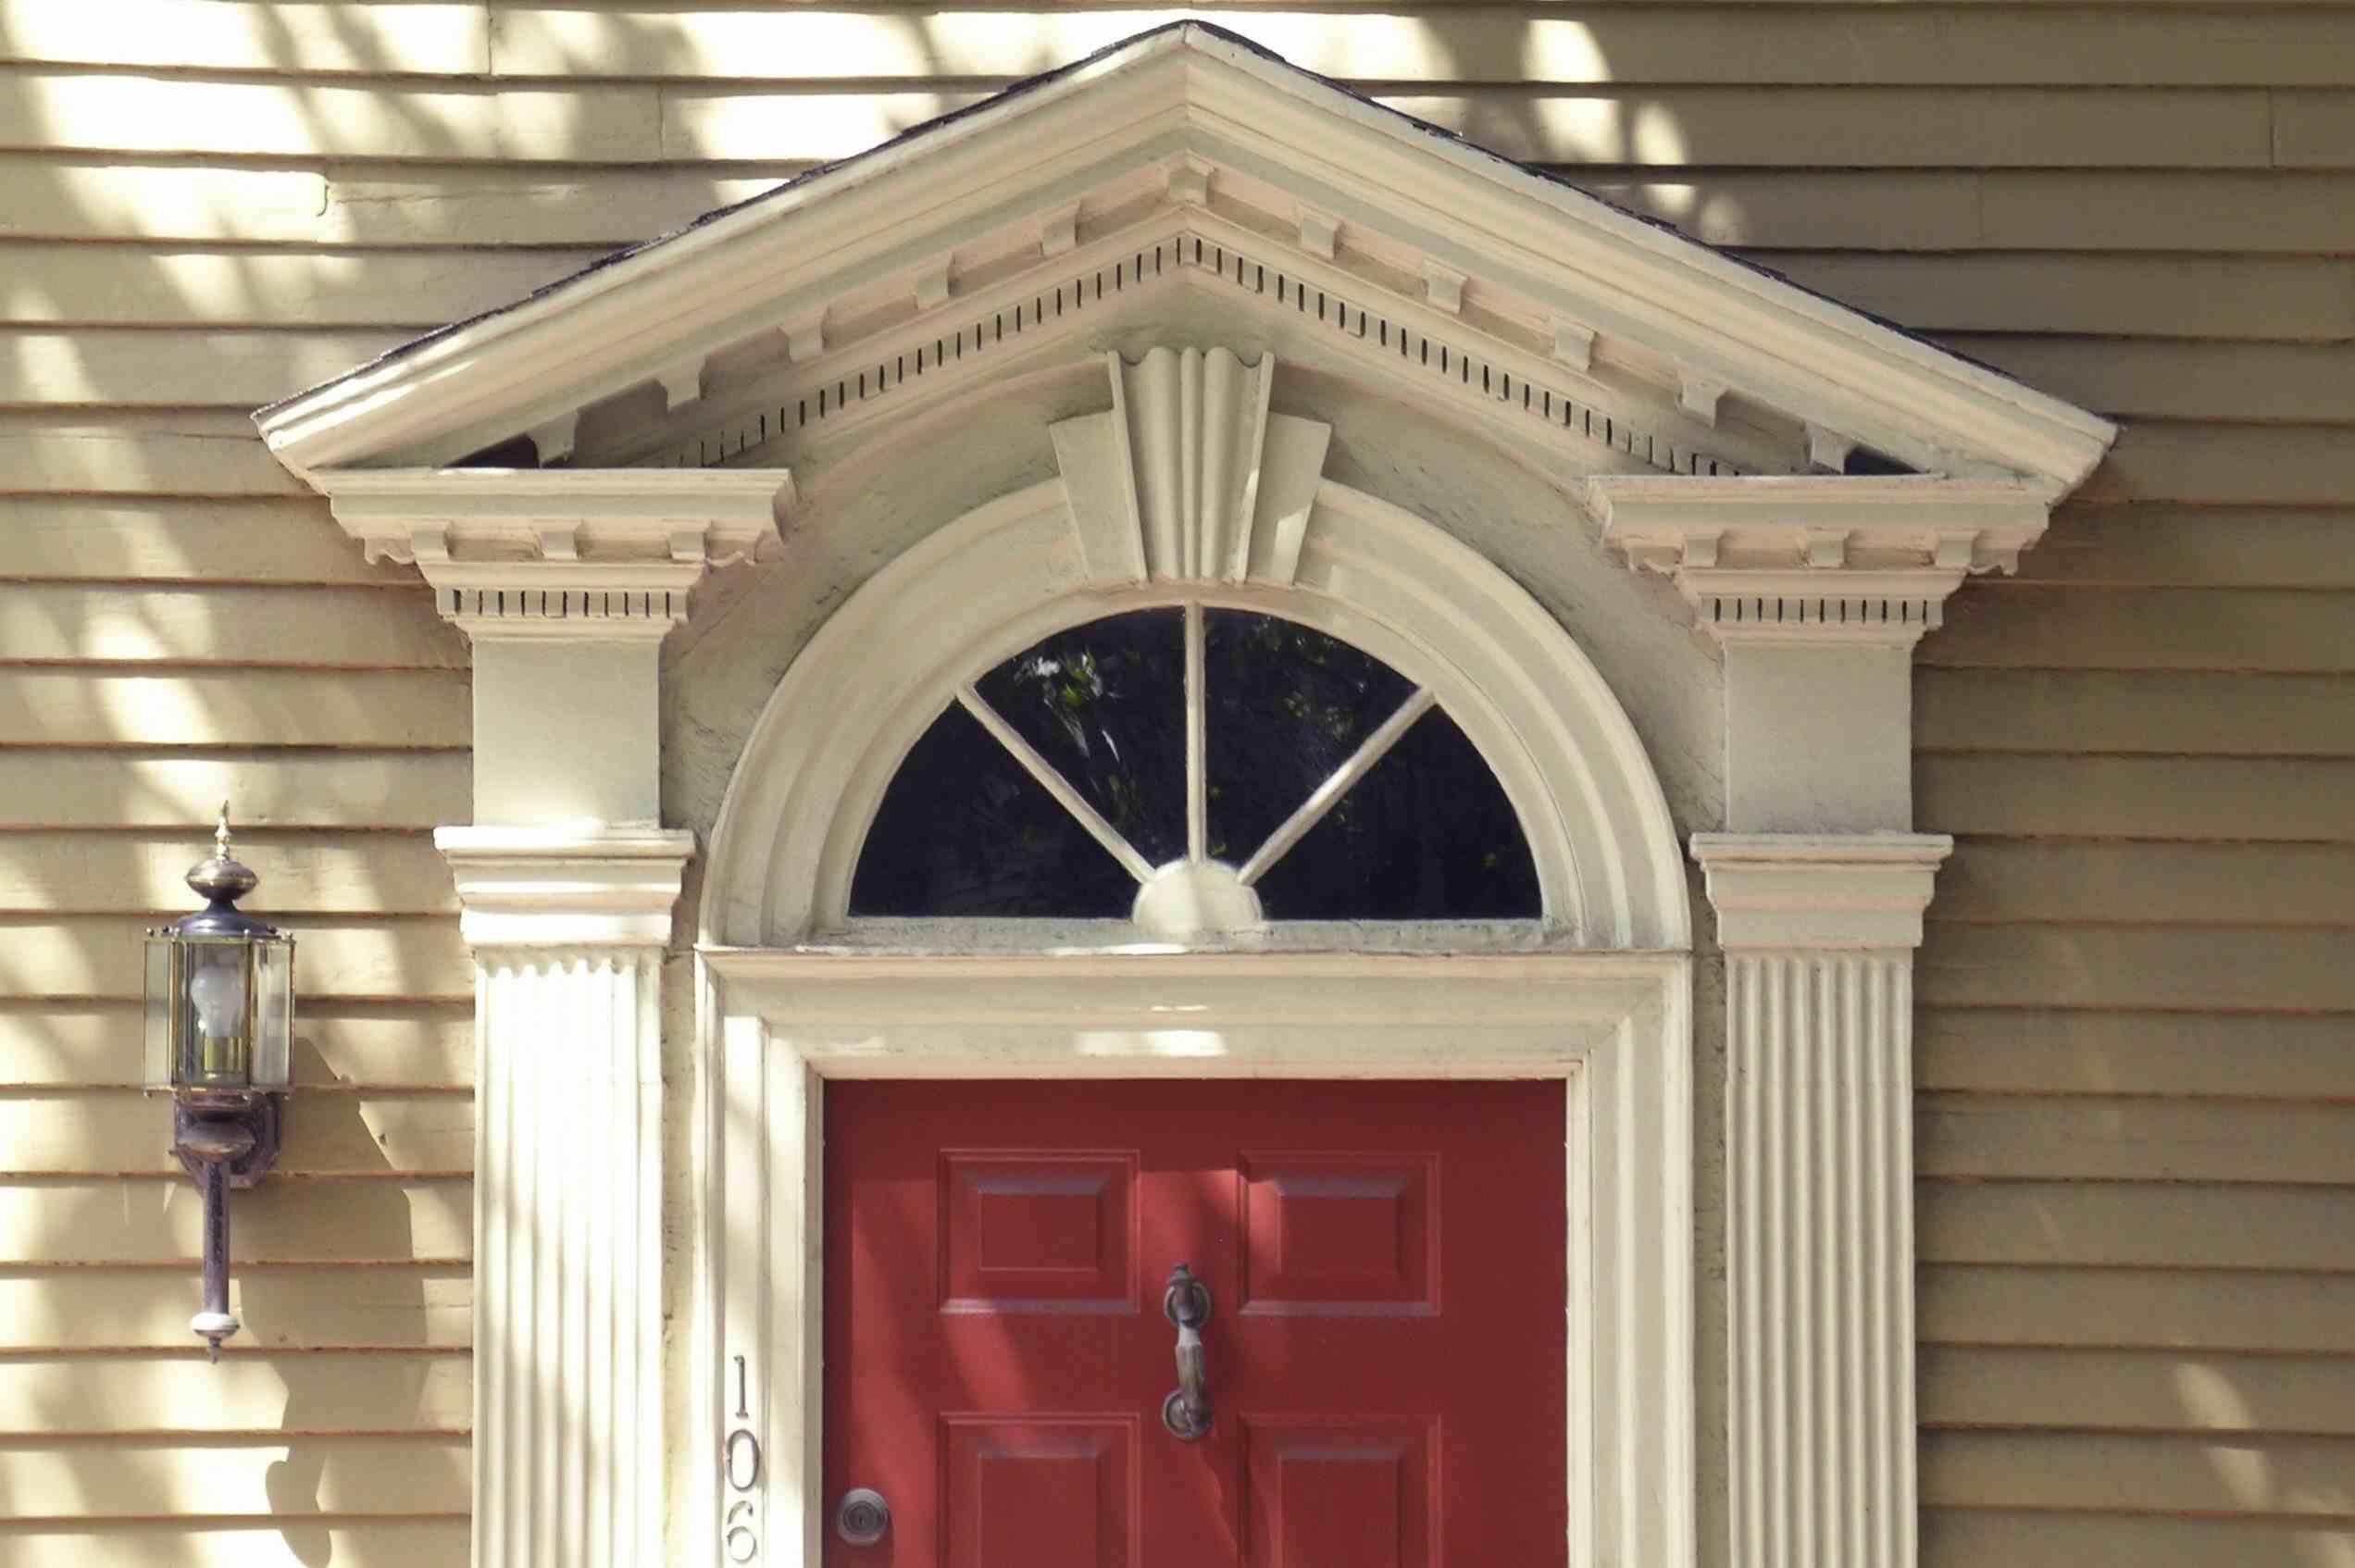 front door detail, open pediment, fanlight window, pilaster on either side of red door